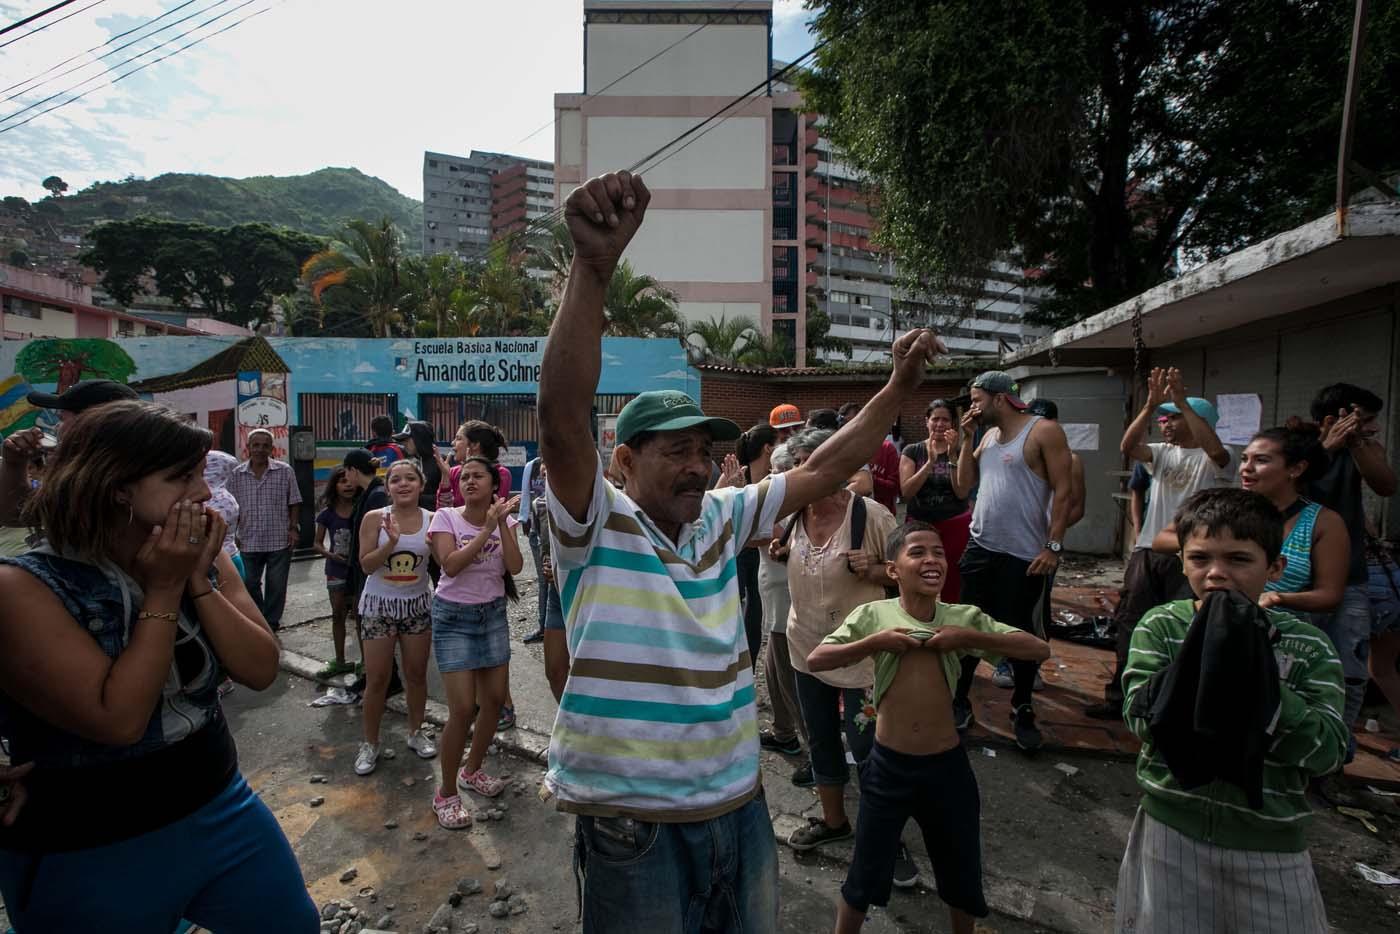 CAR10 - CARACAS (VENEZUELA), 02/06/2017 - Un grupo de personas participa en una manifestación hoy, viernes 02 de junio de 2017, en Caracas (Venezuela). Los habitantes del populoso barrio de La Vega, ubicado en el oeste de Caracas, madrugaron hoy para protestar por la escasez de alimentos, mientras que las calles aledañas al canal estatal VTV en el este de la ciudad fueron cerradas por organismos de seguridad para evitar la llegada de manifestantes. EFE/MIGUEL GUTIÉRREZ